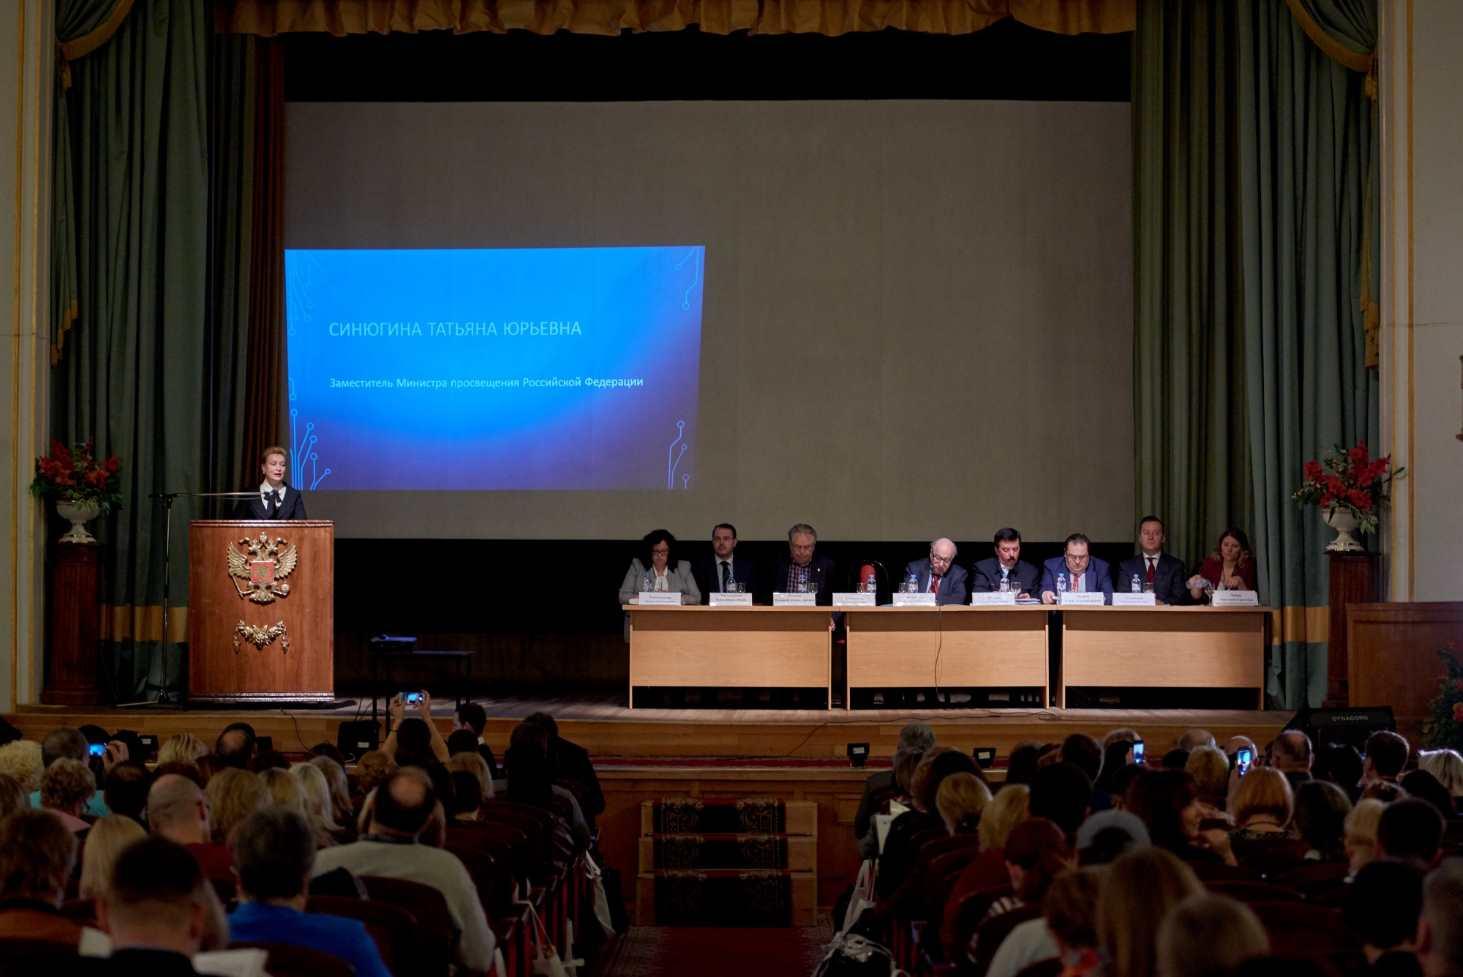 shkoly-perejdut-na-obnovlyonnye-obshheobrazovatelnye-programmy-po-istorii-rossii-v-2019-godu